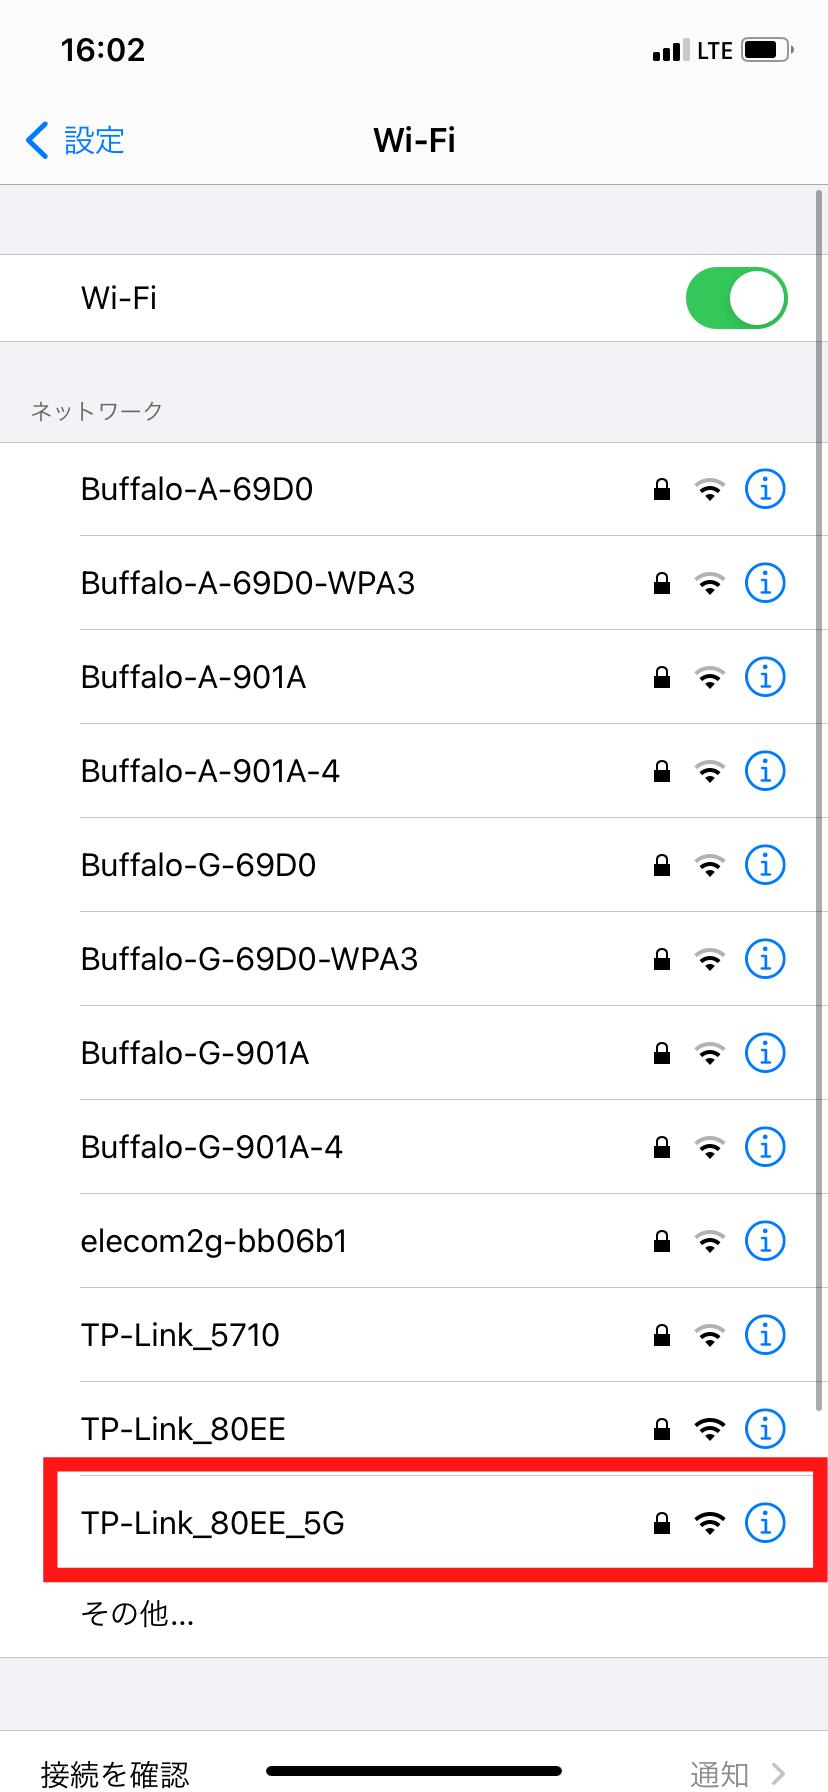 Wi-Fiルーターの受信設定の仕方